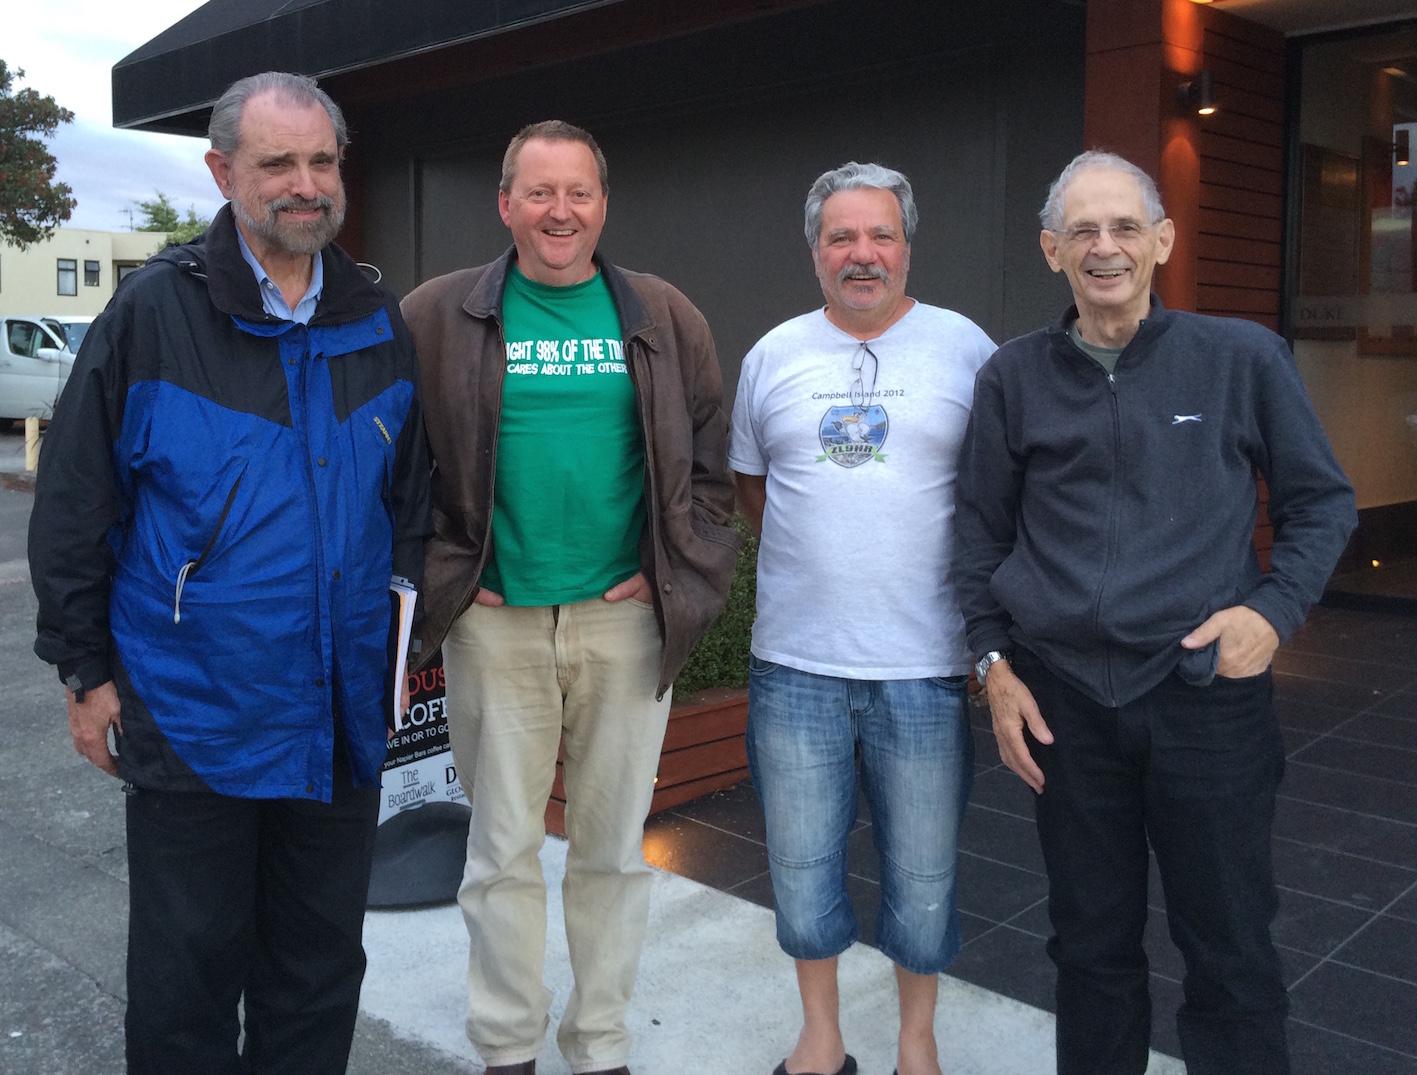 Left to Right: Bob KK6EK, Gary ZL2IFB, Jackie ZL3CW/F2CW and Lee ZL2AL